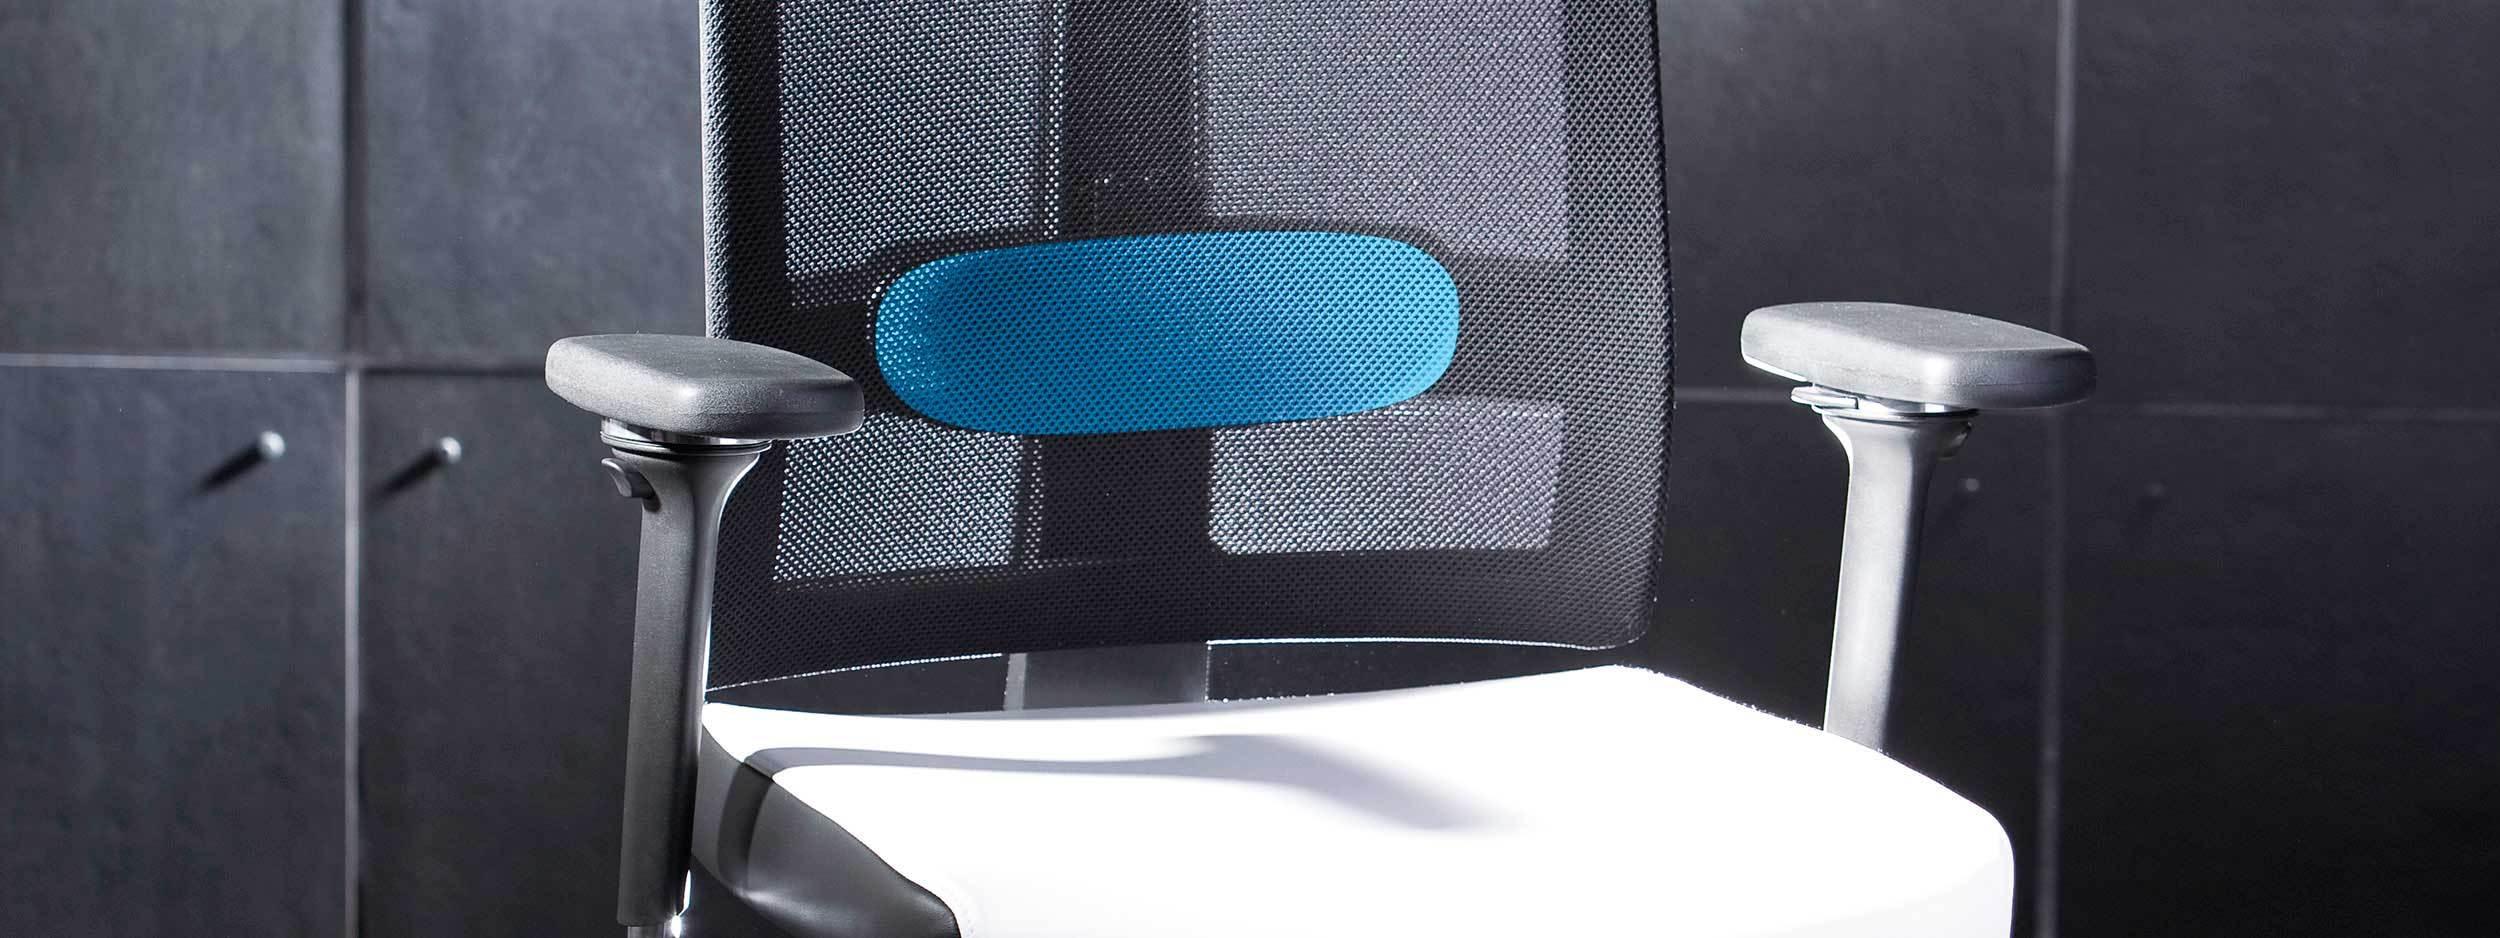 art-office-shop-rovo-chair-xp-4010-s1_air_plus